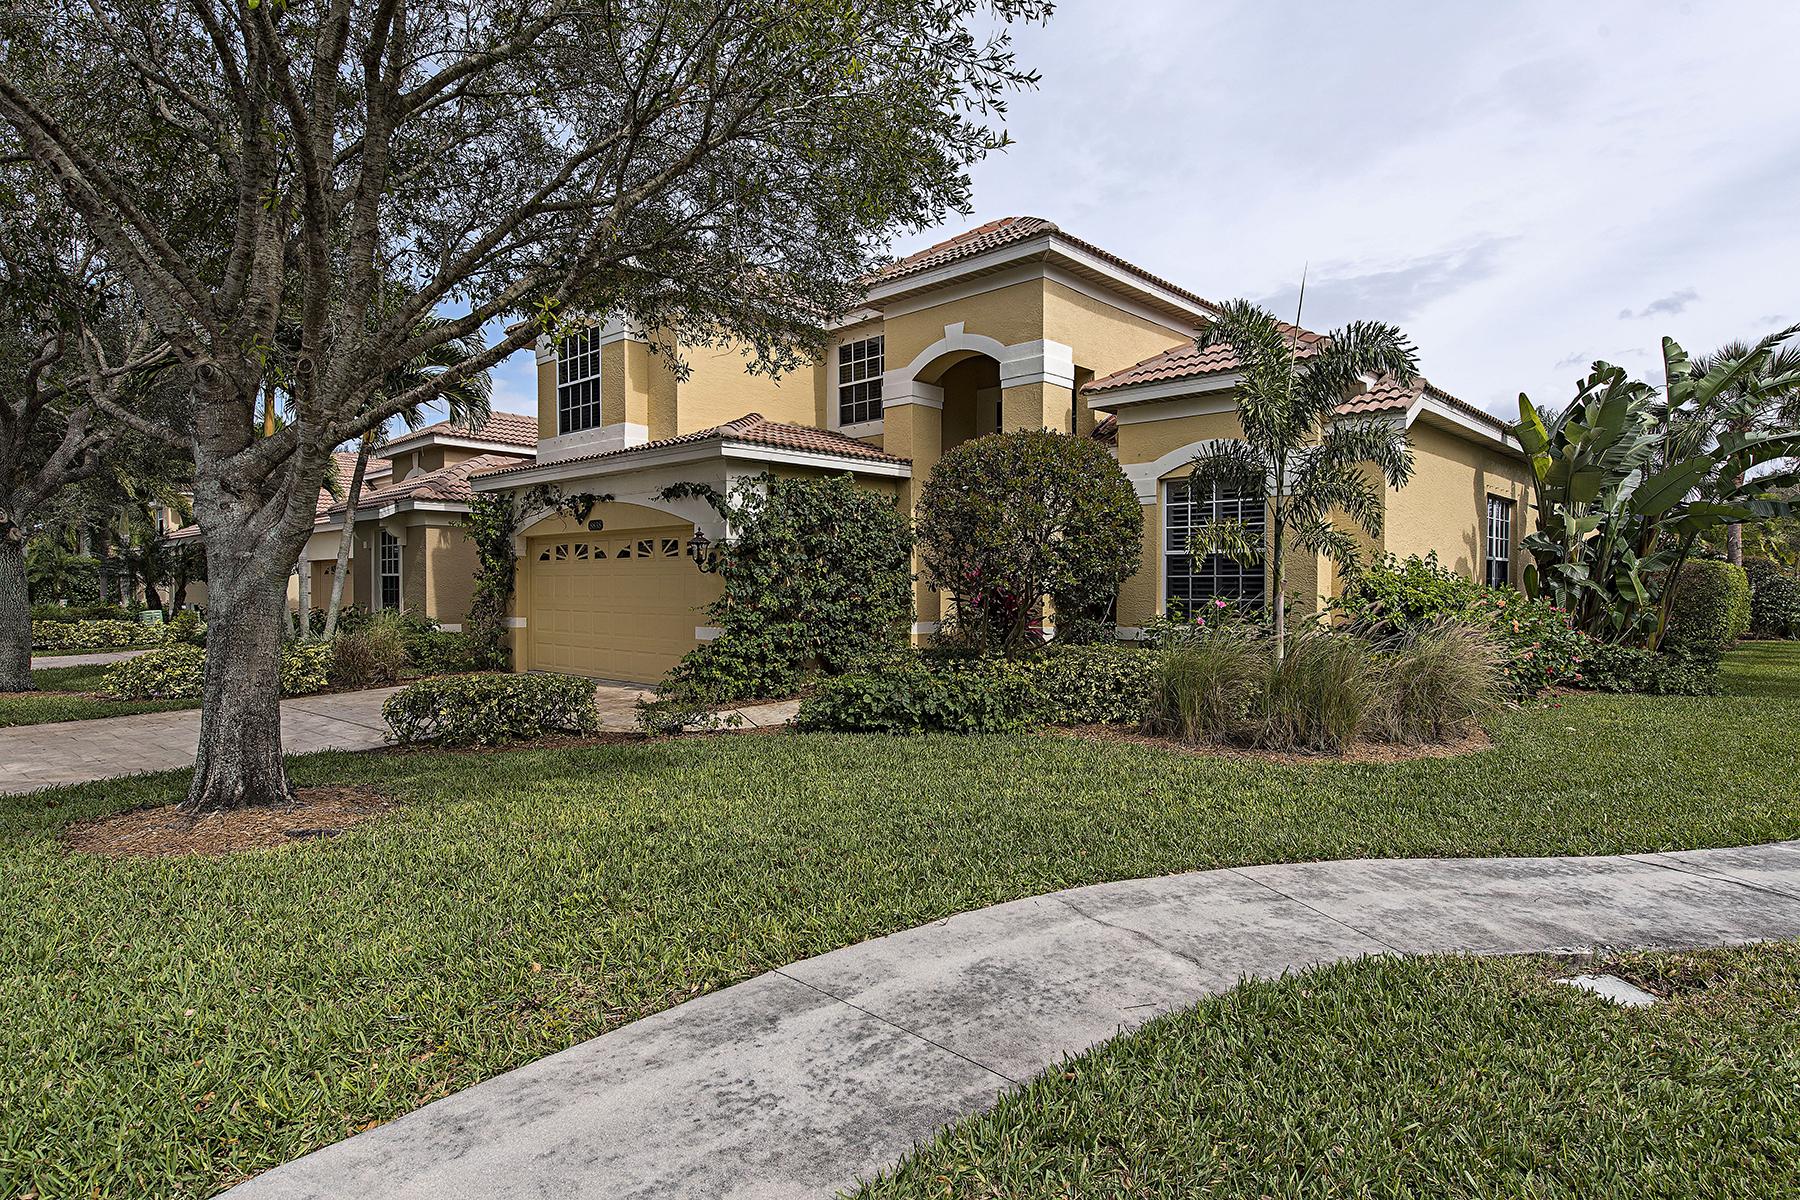 단독 가정 주택 용 매매 에 PELICAN MARSH - VENTURA 8838 Ventura Dr Naples, 플로리다, 34109 미국